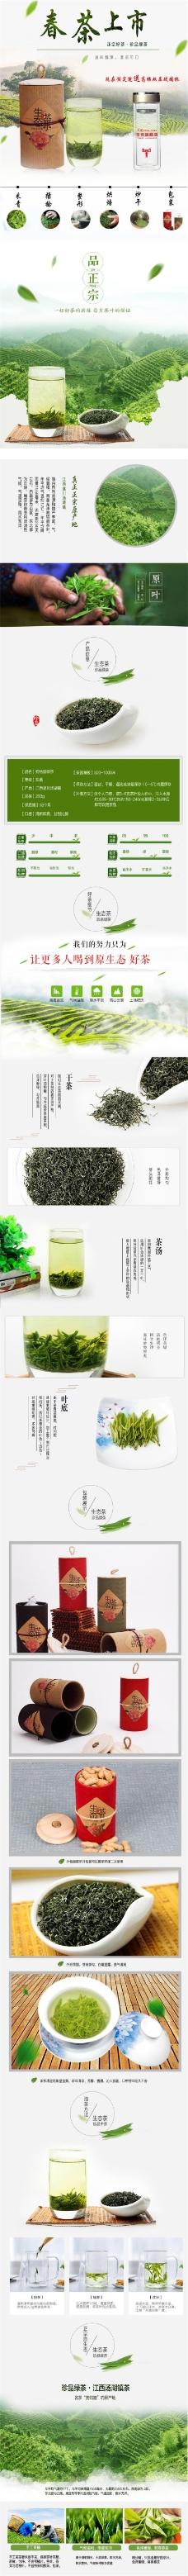 绿色自然淘宝春茶详情页psd分层素材